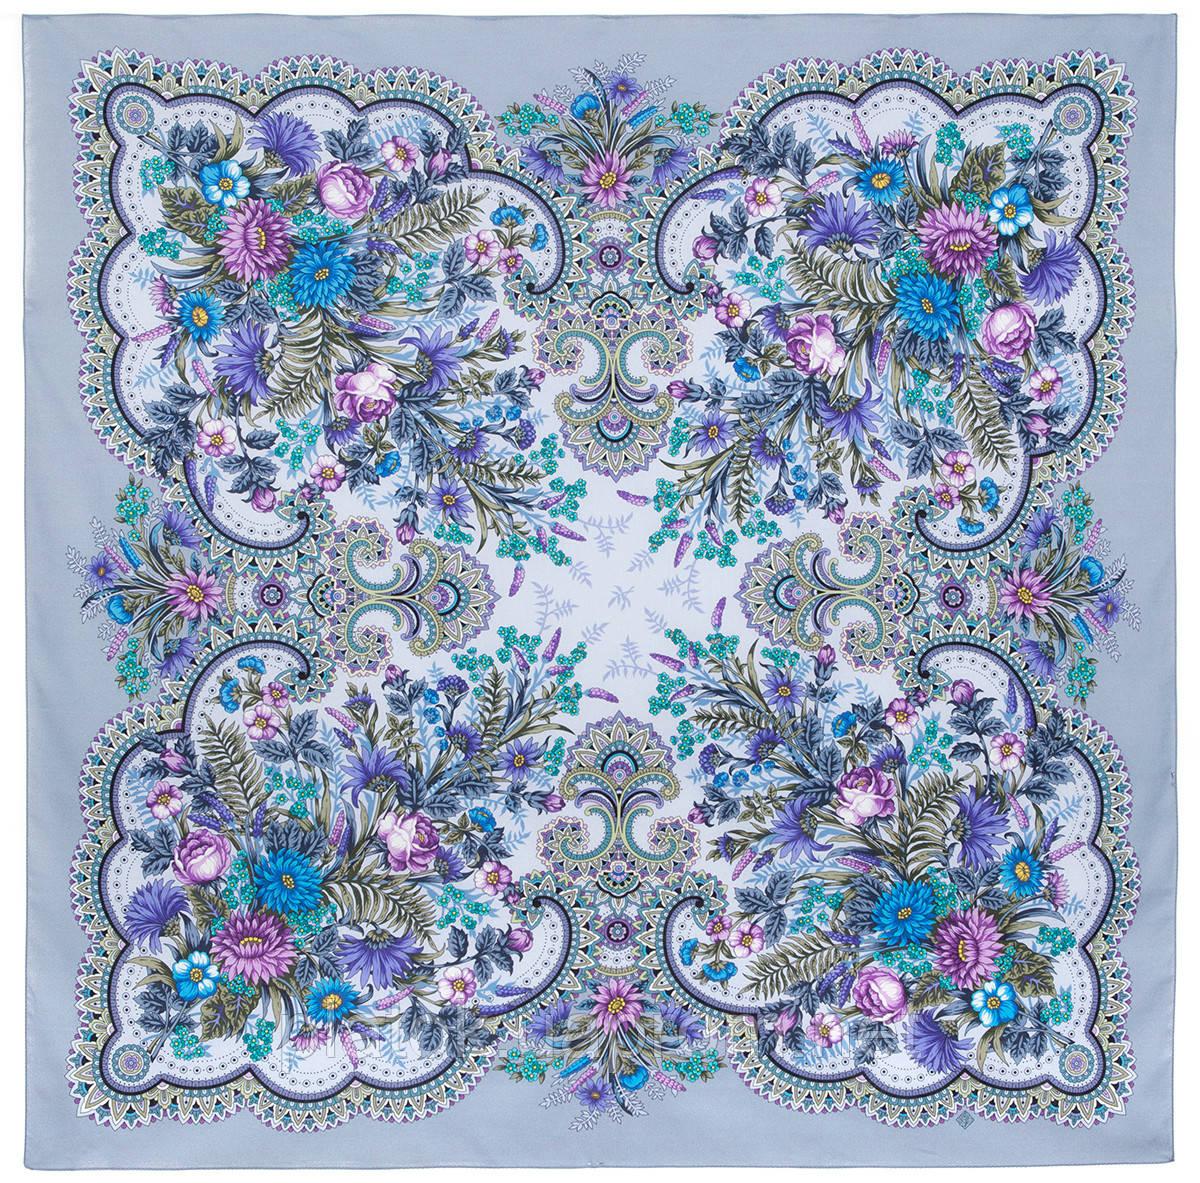 Цветущее лето 1839-1, павлопосадский платок хлопковый (батистовый) с швом зиг-заг